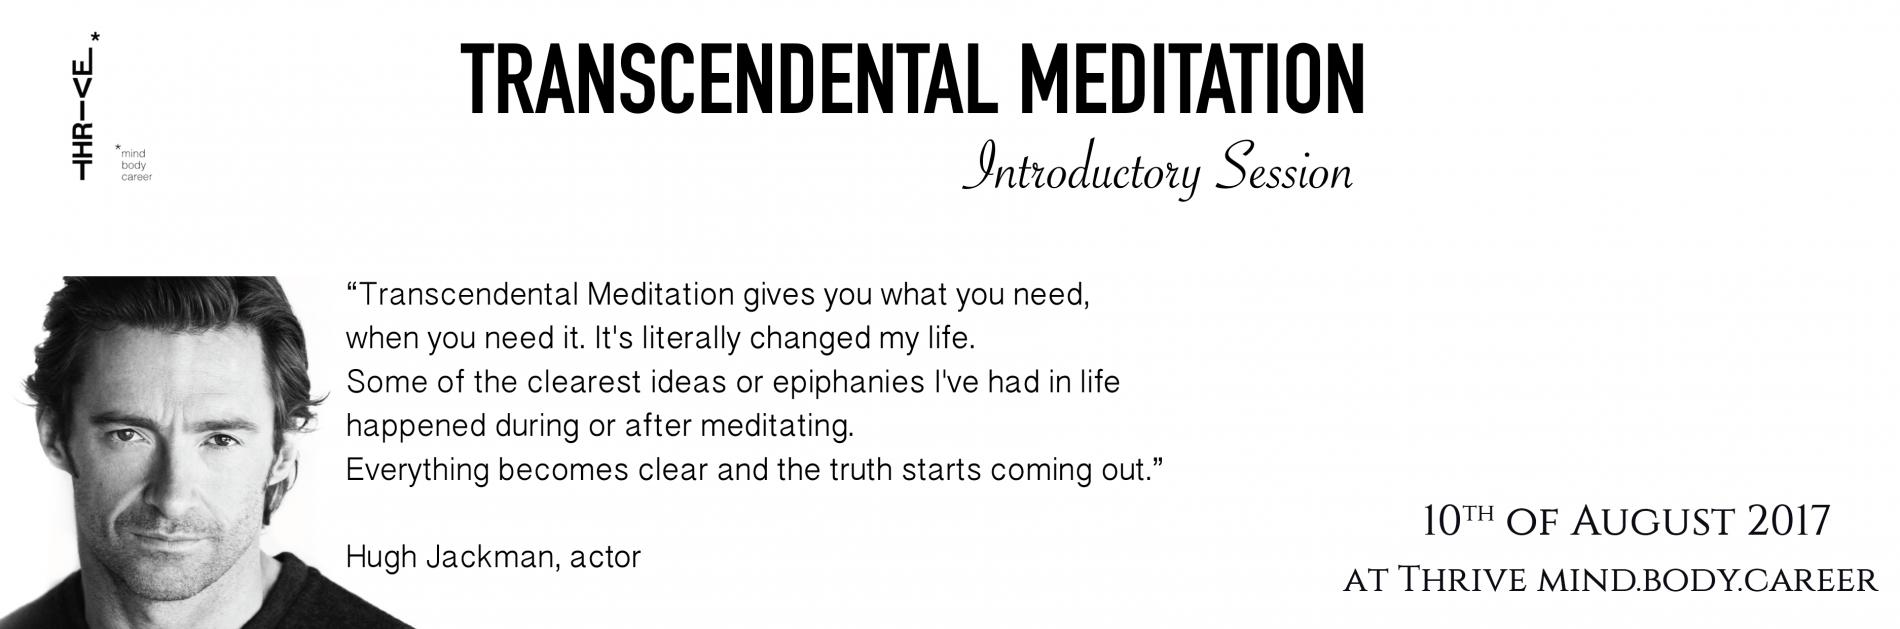 Transcendental Meditation Lebtivity